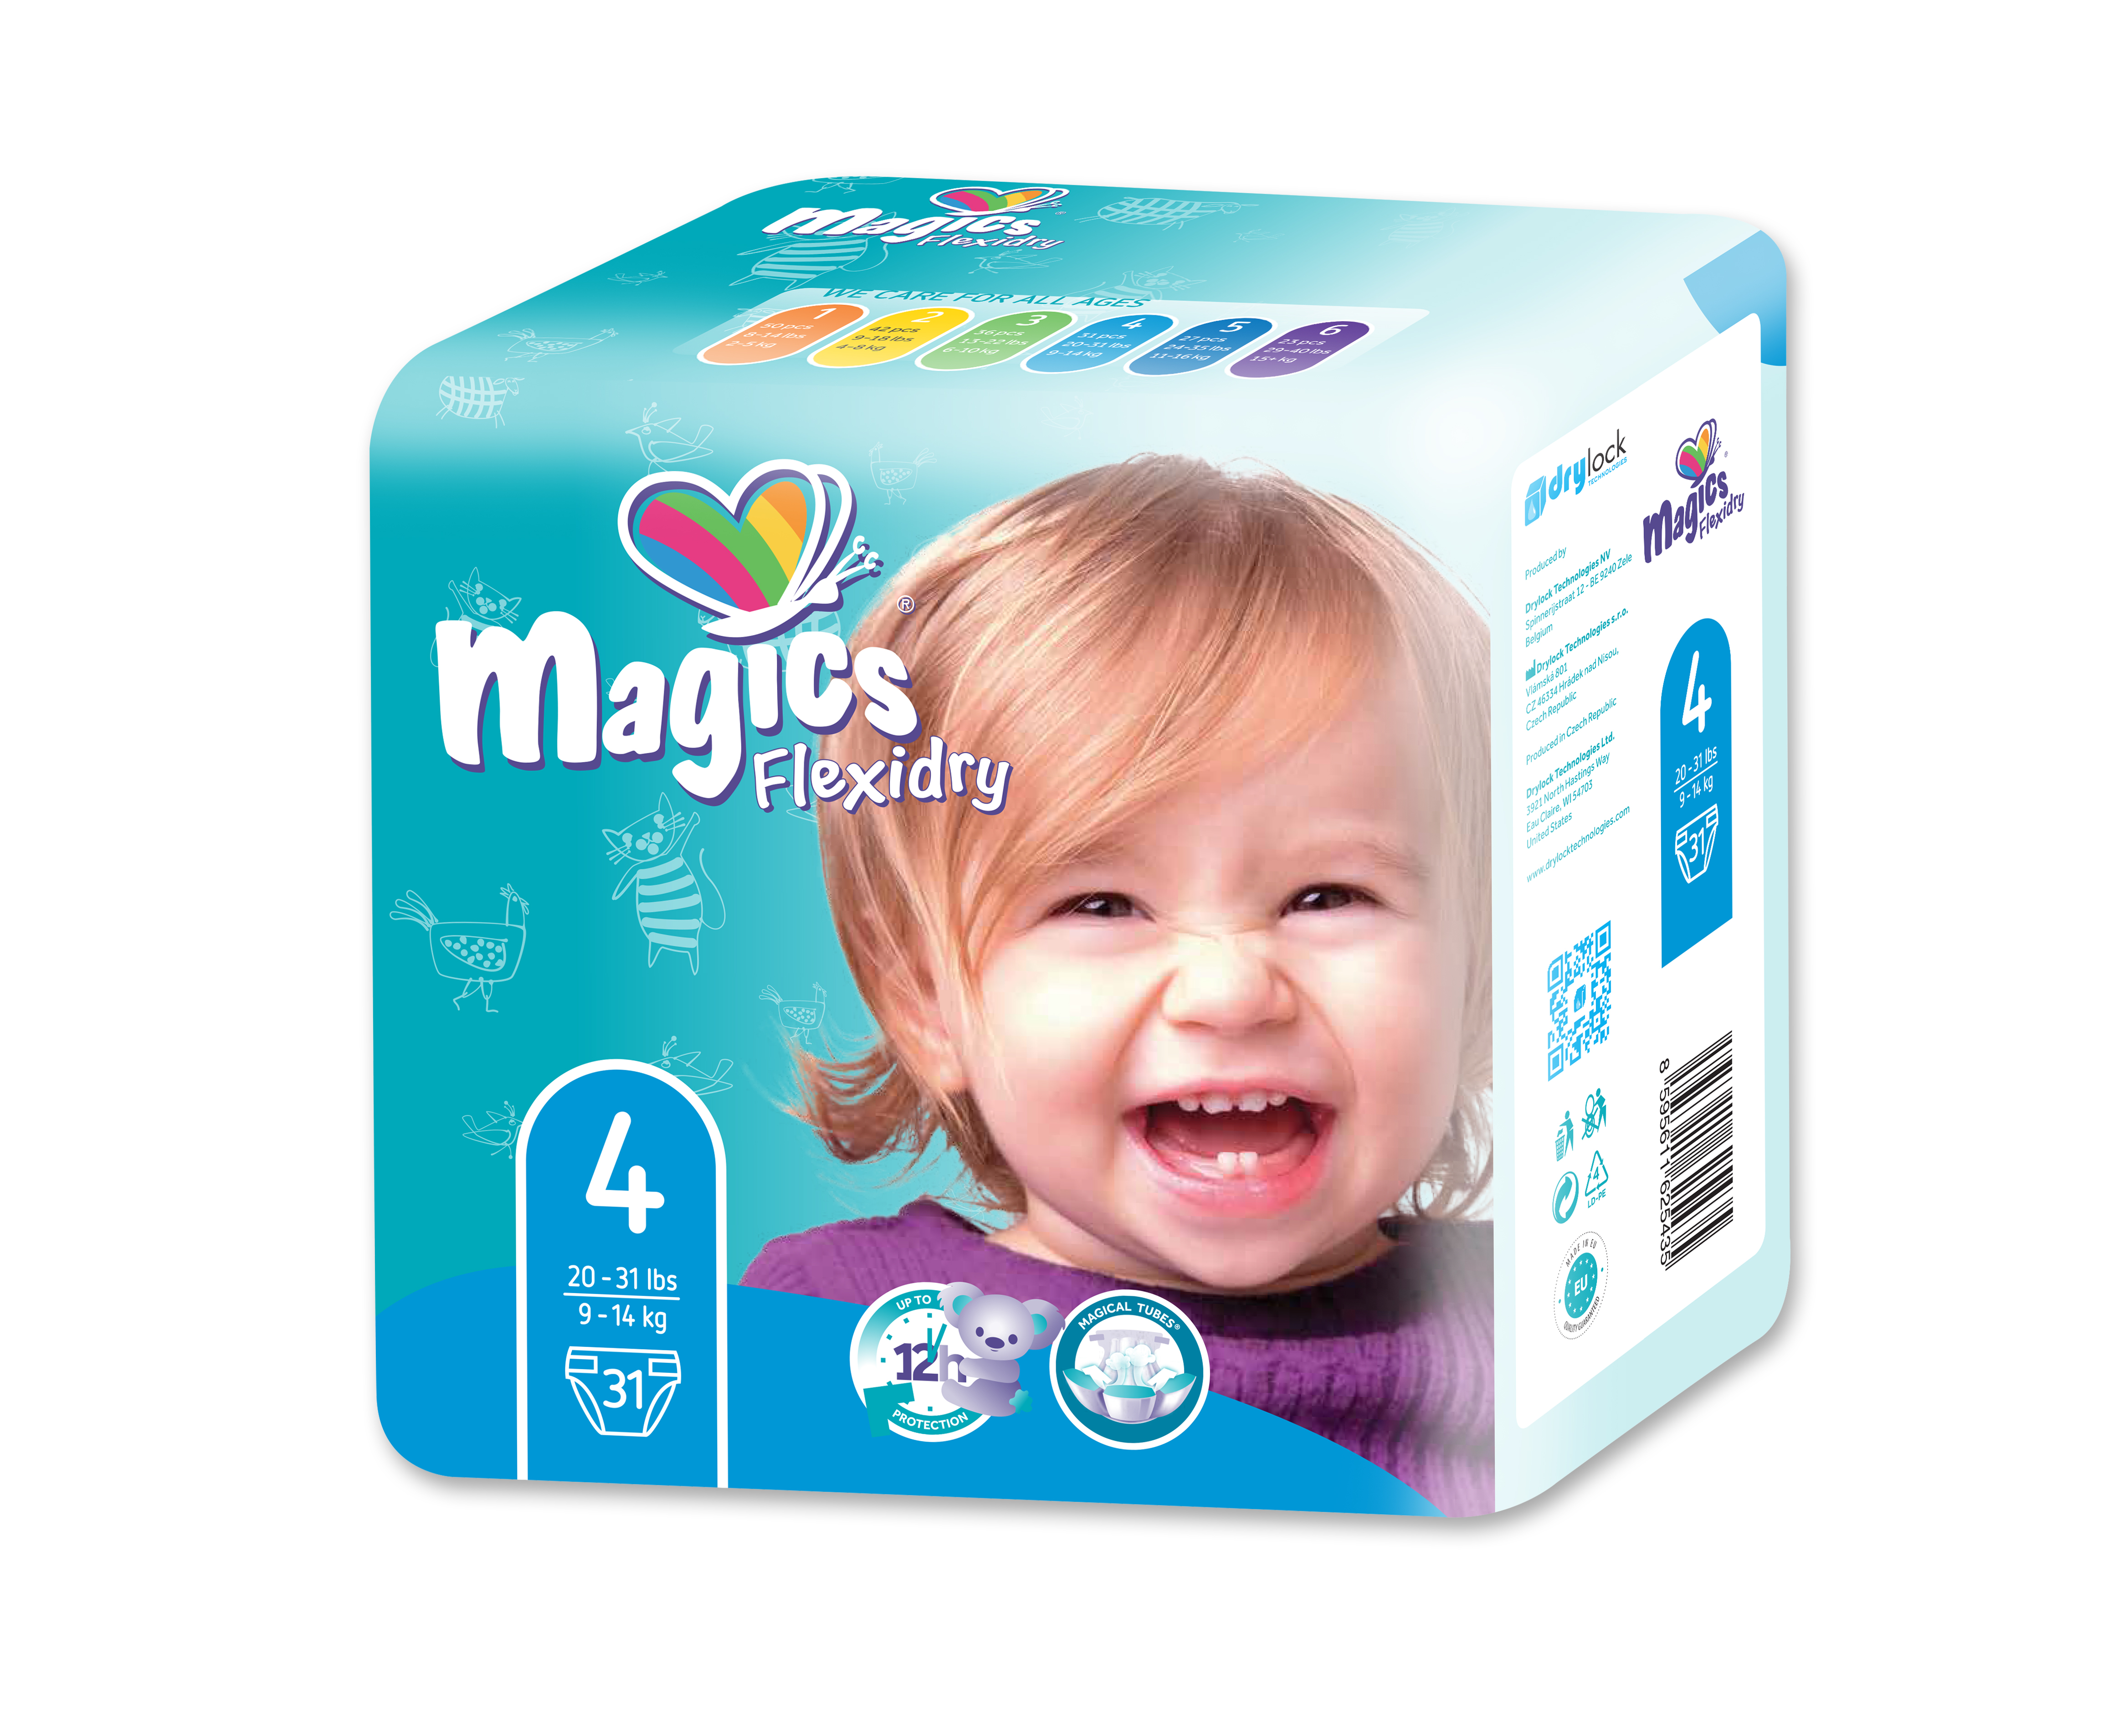 MAGICS Flexidry Maxi 9-14 kg 31 ks